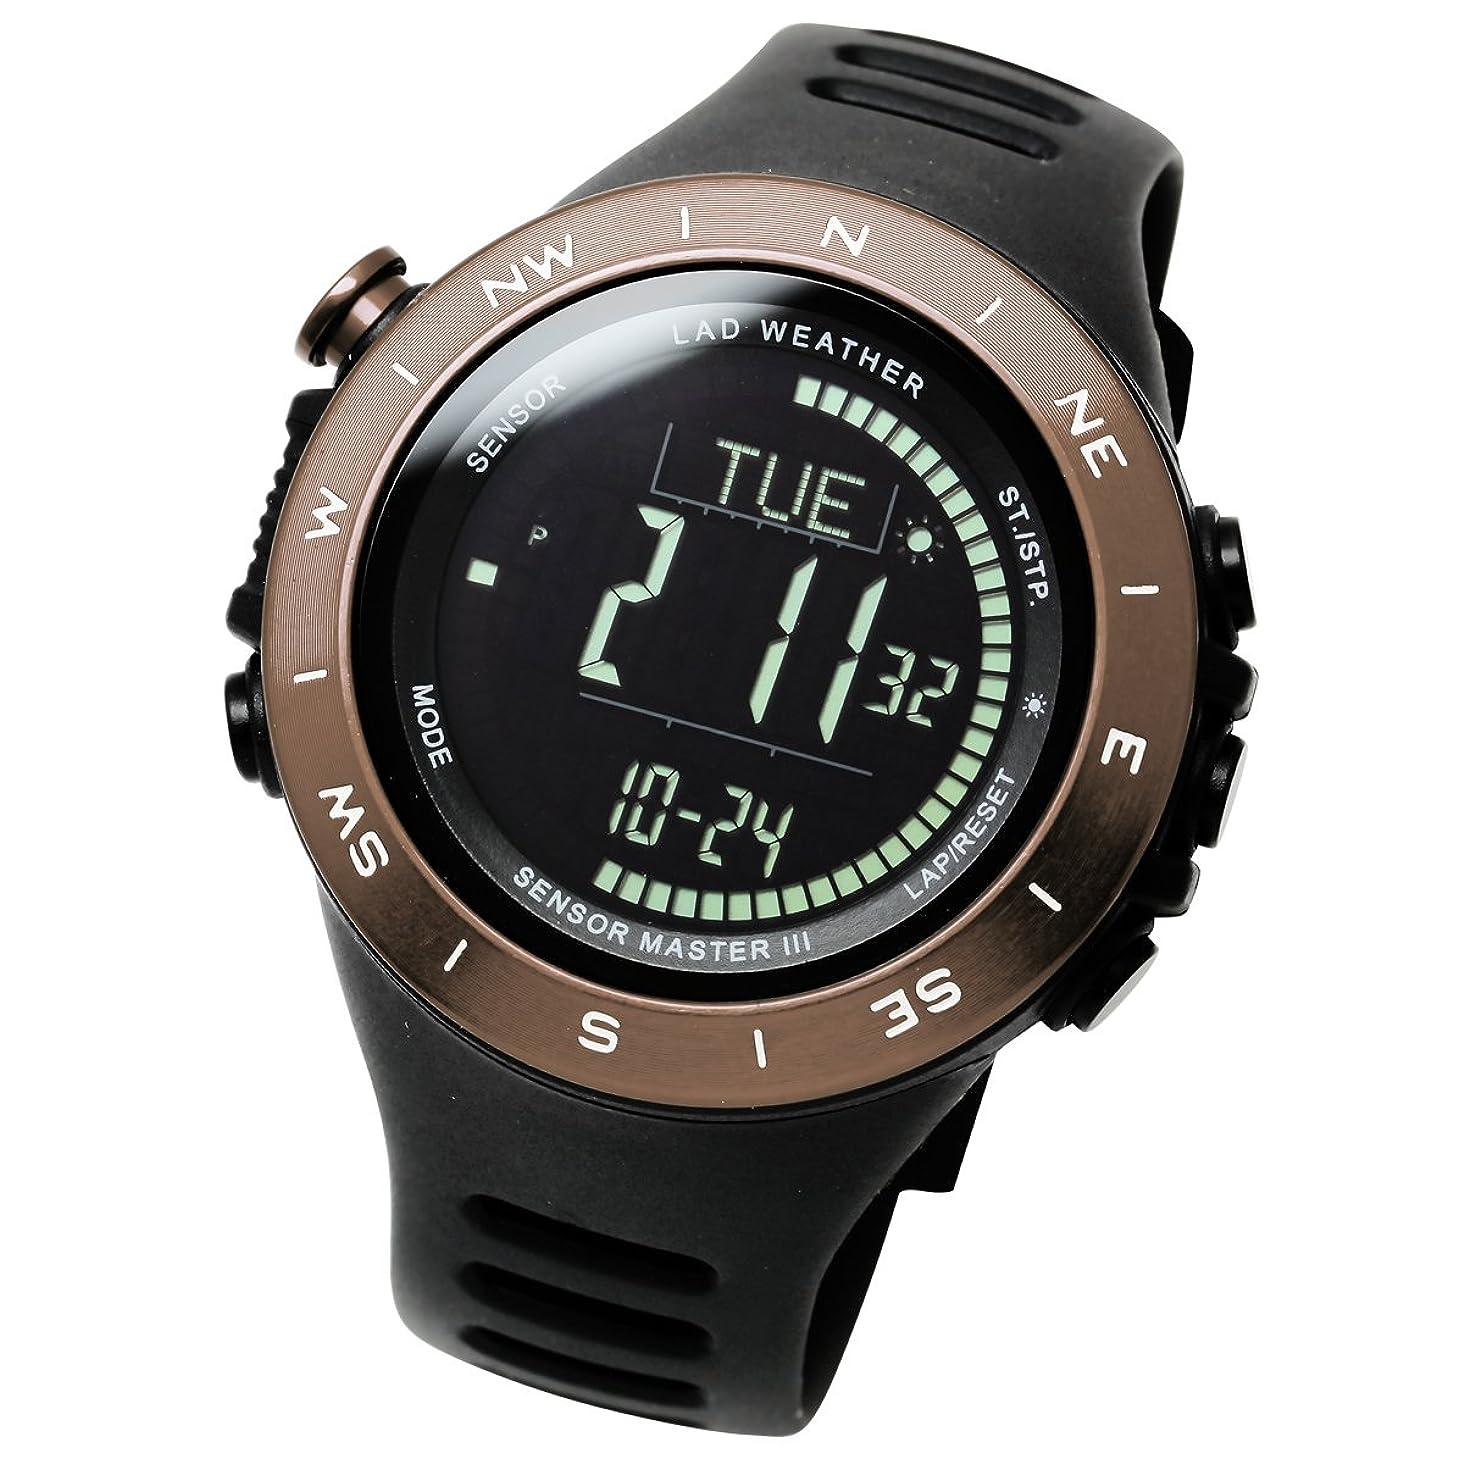 グリットキウイアレルギー[ラドウェザー]トレッキング腕時計 高度計 気圧計 気温計 天気予測 デジタルコンパス アウトドアウォッチ lad024